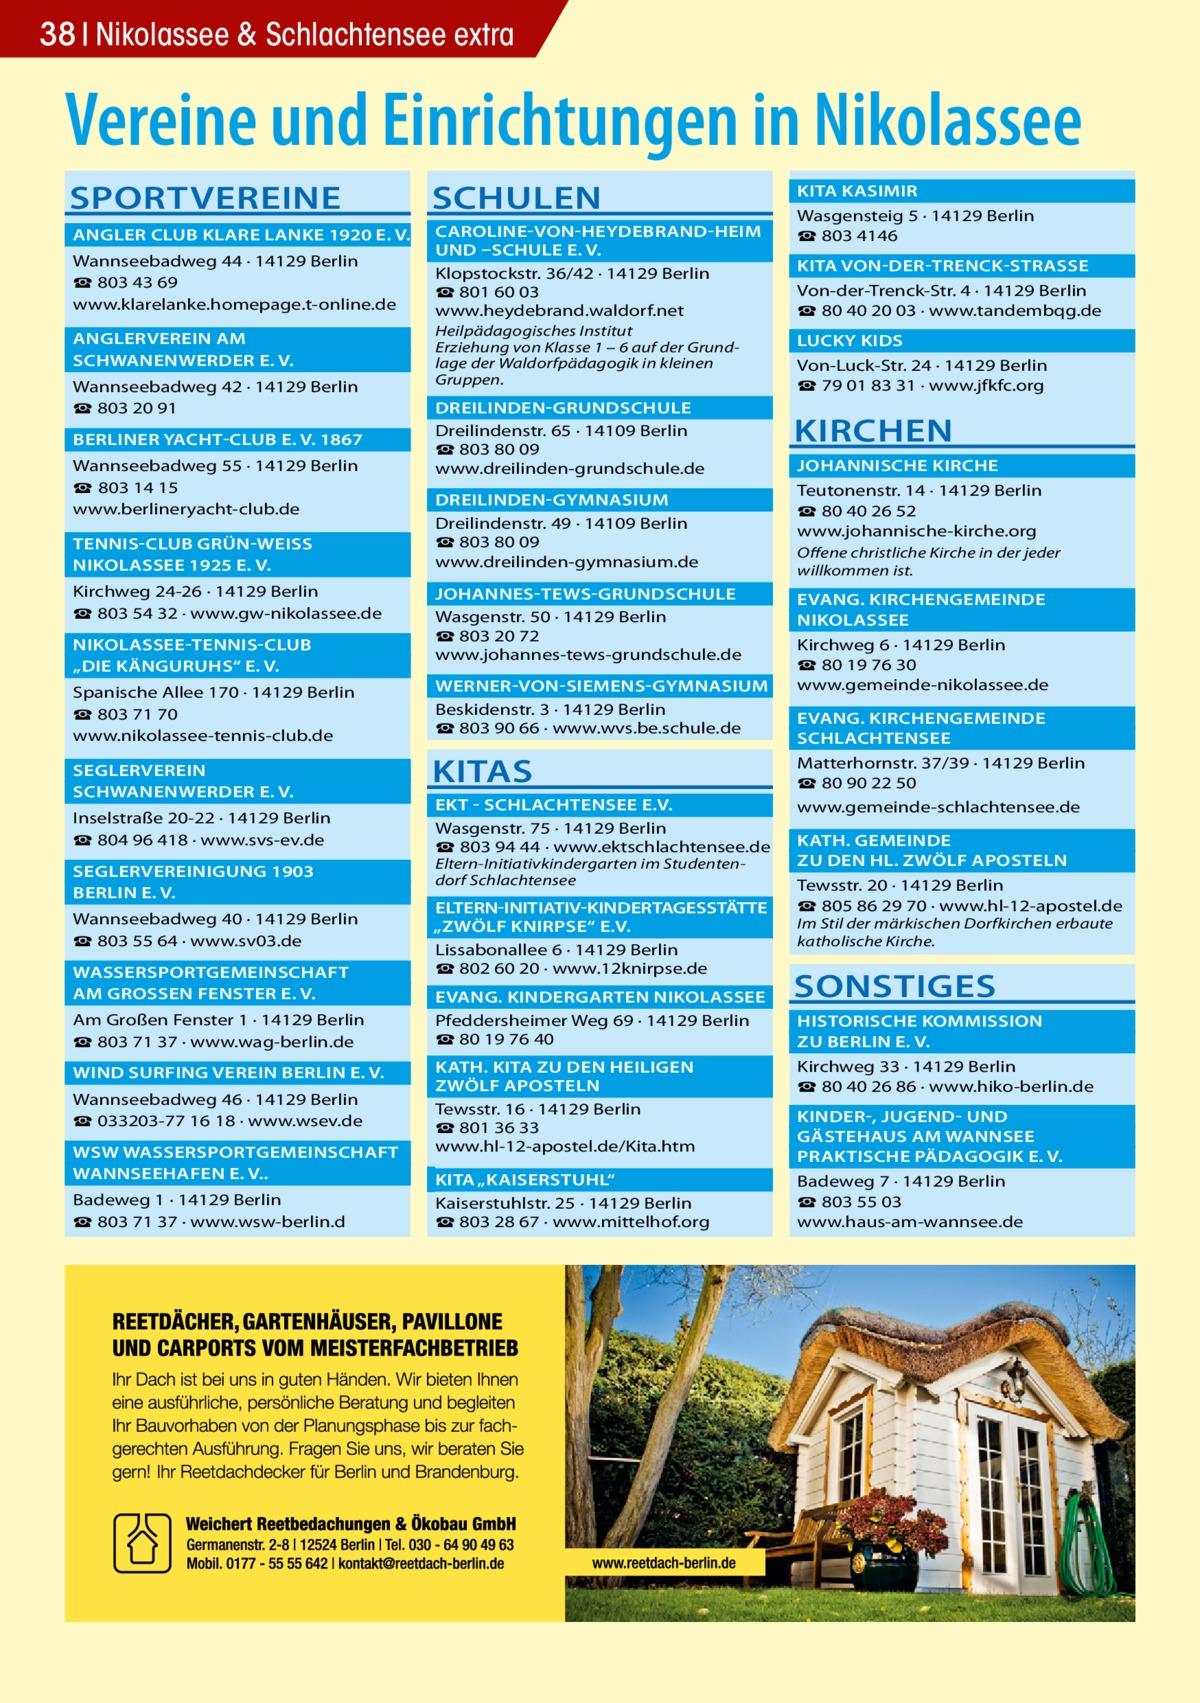 """38 Nikolassee & Schlachtensee extra  Vereine und Einrichtungen in Nikolassee SPORTVEREINE  SCHULEN   ANGLER CLUB KLARE LANKE 1920 E. V.�  CAROLINE-VON-HEYDEBRAND-HEIM �  UND –SCHULE E. V. � Wannseebadweg 44 · 14129 Berlin Klopstockstr. 36/42 · 14129 Berlin ☎ 803 43 69 ☎801 60 03 www.klarelanke.homepage.t-online.de www.heydebrand.waldorf.net  ANGLERVEREIN AM�  SCHWANENWERDER E. V.� Wannseebadweg 42 · 14129 Berlin ☎ 803 20 91  BERLINER YACHT-CLUB E. V. 1867� Wannseebadweg 55 · 14129 Berlin ☎ 803 14 15 www.berlineryacht-club.de  TENNIS-CLUB GRÜN-WEISS �  NIKOLASSEE 1925 E. V.� Kirchweg 24-26 · 14129 Berlin ☎ 803 54 32 · www.gw-nikolassee.de  NIKOLASSEE-TENNIS-CLUB �  """"DIE KÄNGURUHS"""" E. V.� Spanische Allee 170 · 14129 Berlin ☎803 71 70 www.nikolassee-tennis-club.de SEGLERVEREIN�  SCHWANENWERDER E. V.� Inselstraße 20-22 · 14129 Berlin ☎804 96 418 · www.svs-ev.de  SEGLERVEREINIGUNG 1903 �  BERLIN E. V.� Wannseebadweg 40 · 14129 Berlin ☎803 55 64 · www.sv03.de  WASSERSPORTGEMEINSCHAFT �  AM GROSSEN FENSTER E. V.� Am Großen Fenster 1 · 14129 Berlin ☎803 71 37 · www.wag-berlin.de  WIND SURFING VEREIN BERLIN E. V.� Wannseebadweg 46 · 14129 Berlin ☎033203-77 16 18 · www.wsev.de  WSW WASSERSPORTGEMEINSCHAFT �  WANNSEEHAFEN E. V..� Badeweg 1 · 14129 Berlin ☎803 71 37 · www.wsw-berlin.d  Heilpädagogisches Institut Erziehung von Klasse 1 – 6 auf der Grundlage der Waldorfpädagogik in kleinen Gruppen.  DREILINDEN-GRUNDSCHULE� Dreilindenstr. 65 · 14109 Berlin ☎803 80 09 www.dreilinden-grundschule.de DREILINDEN-GYMNASIUM� Dreilindenstr. 49 · 14109 Berlin ☎803 80 09 www.dreilinden-gymnasium.de  JOHANNES-TEWS-GRUNDSCHULE � Wasgenstr. 50 · 14129 Berlin ☎803 20 72 www.johannes-tews-grundschule.de   KITA KASIMIR� Wasgensteig 5 · 14129 Berlin ☎803 4146  KITA VON-DER-TRENCK-STRASSE � Von-der-Trenck-Str. 4 · 14129 Berlin ☎80 40 20 03 · www.tandembqg.de  LUCKY KIDS� Von-Luck-Str. 24 · 14129 Berlin ☎79 01 83 31 · www.jfkfc.org  KIRCHEN  JOHANNISCHE KIRCHE � Teutonenstr. 14 · 14129 Berlin ☎ 80 4"""